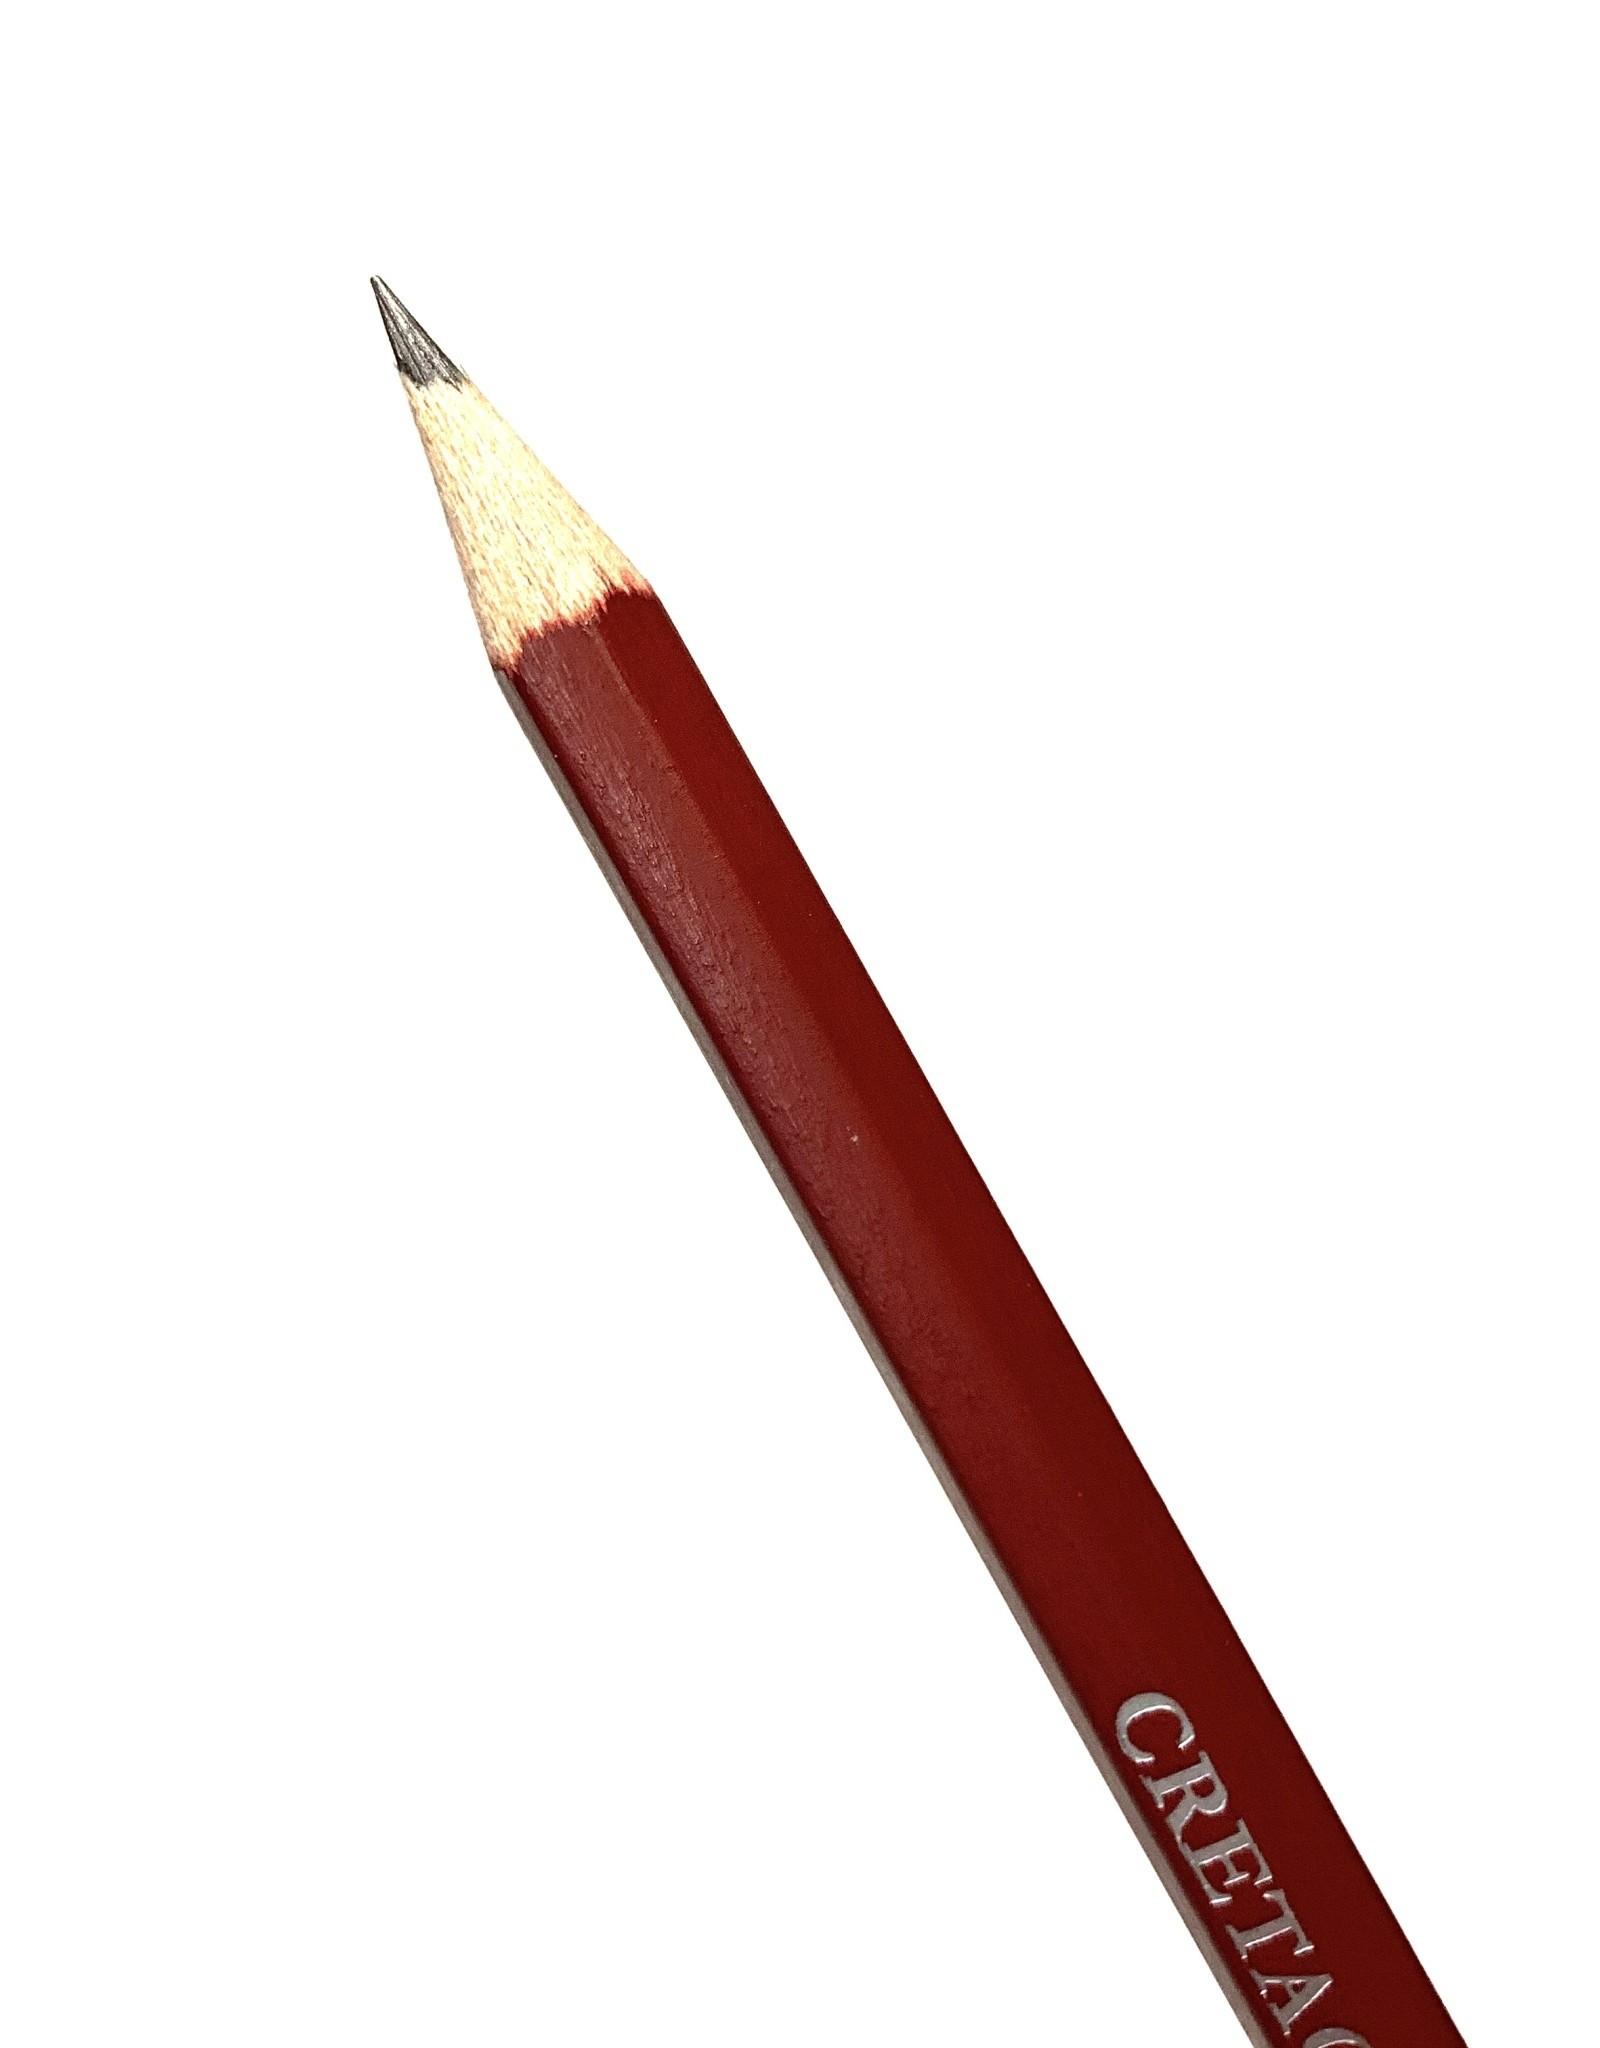 Cretacolor Graphite Pencil, 4H